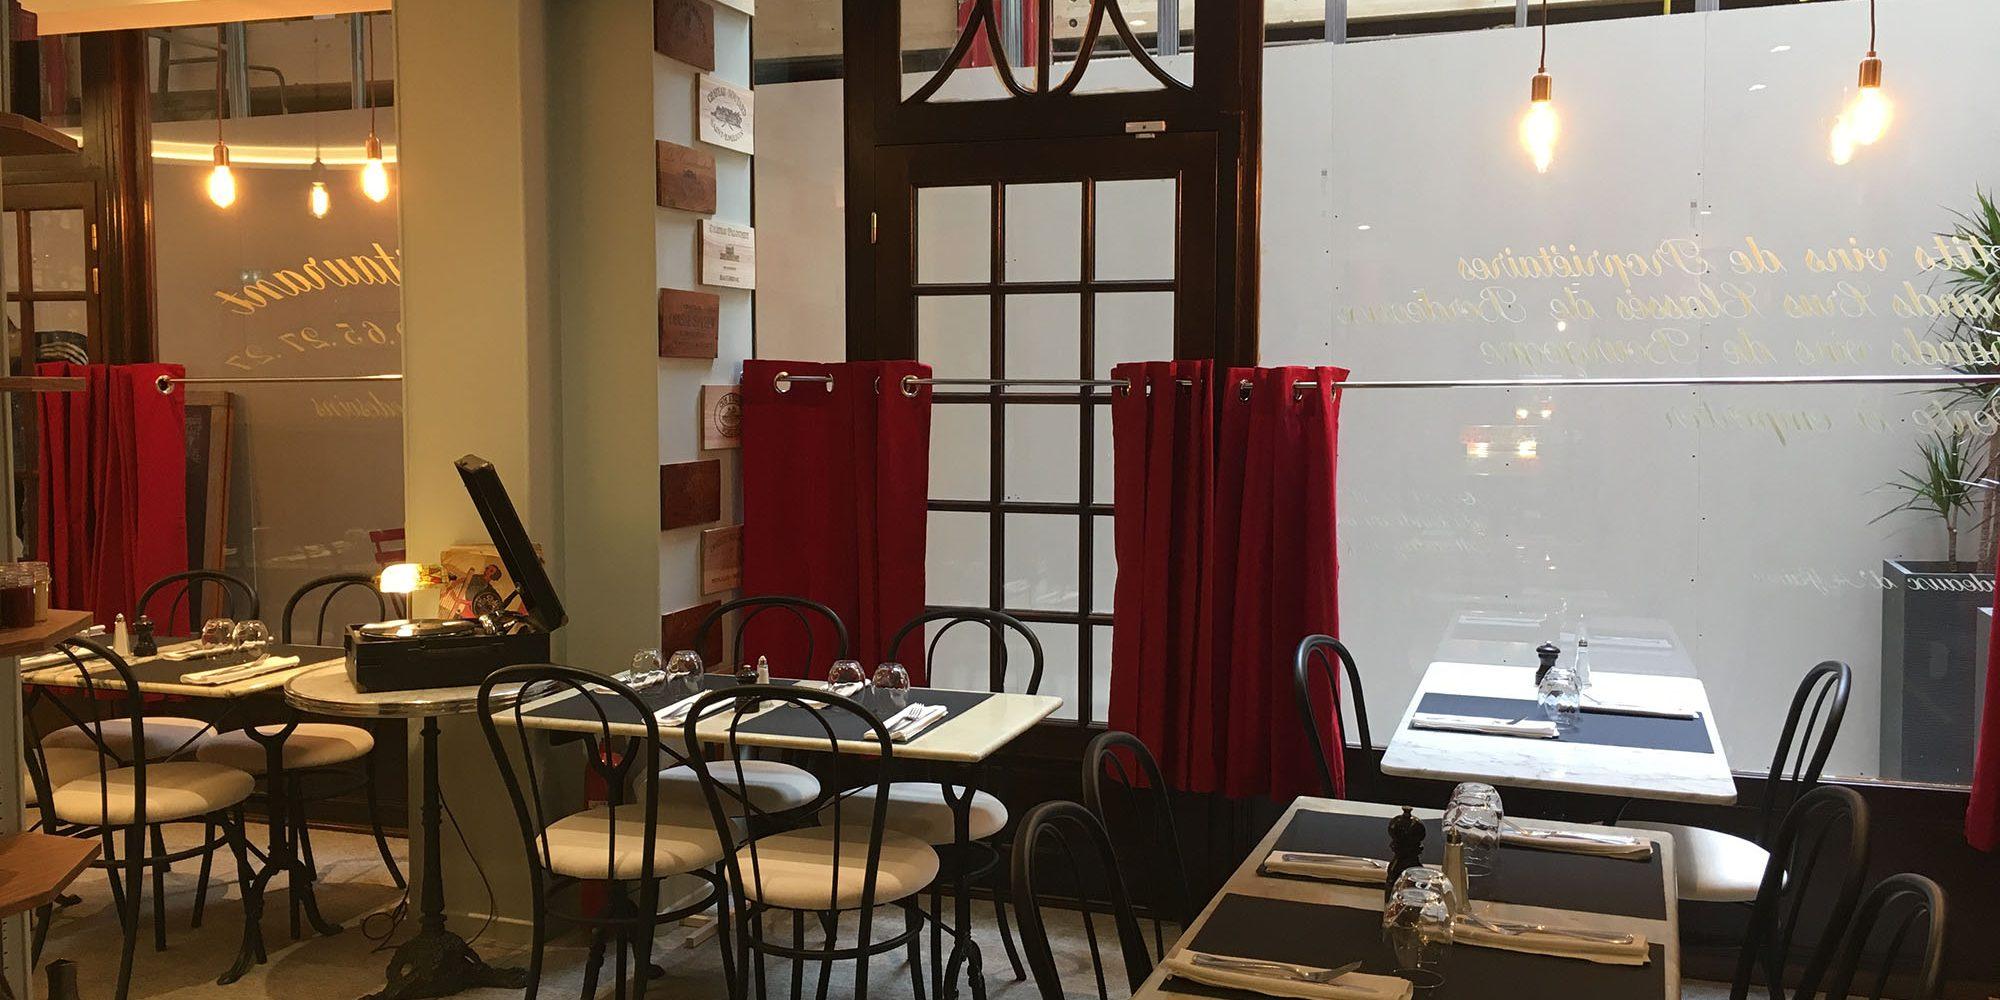 boutique-des-vins-paris-8-8